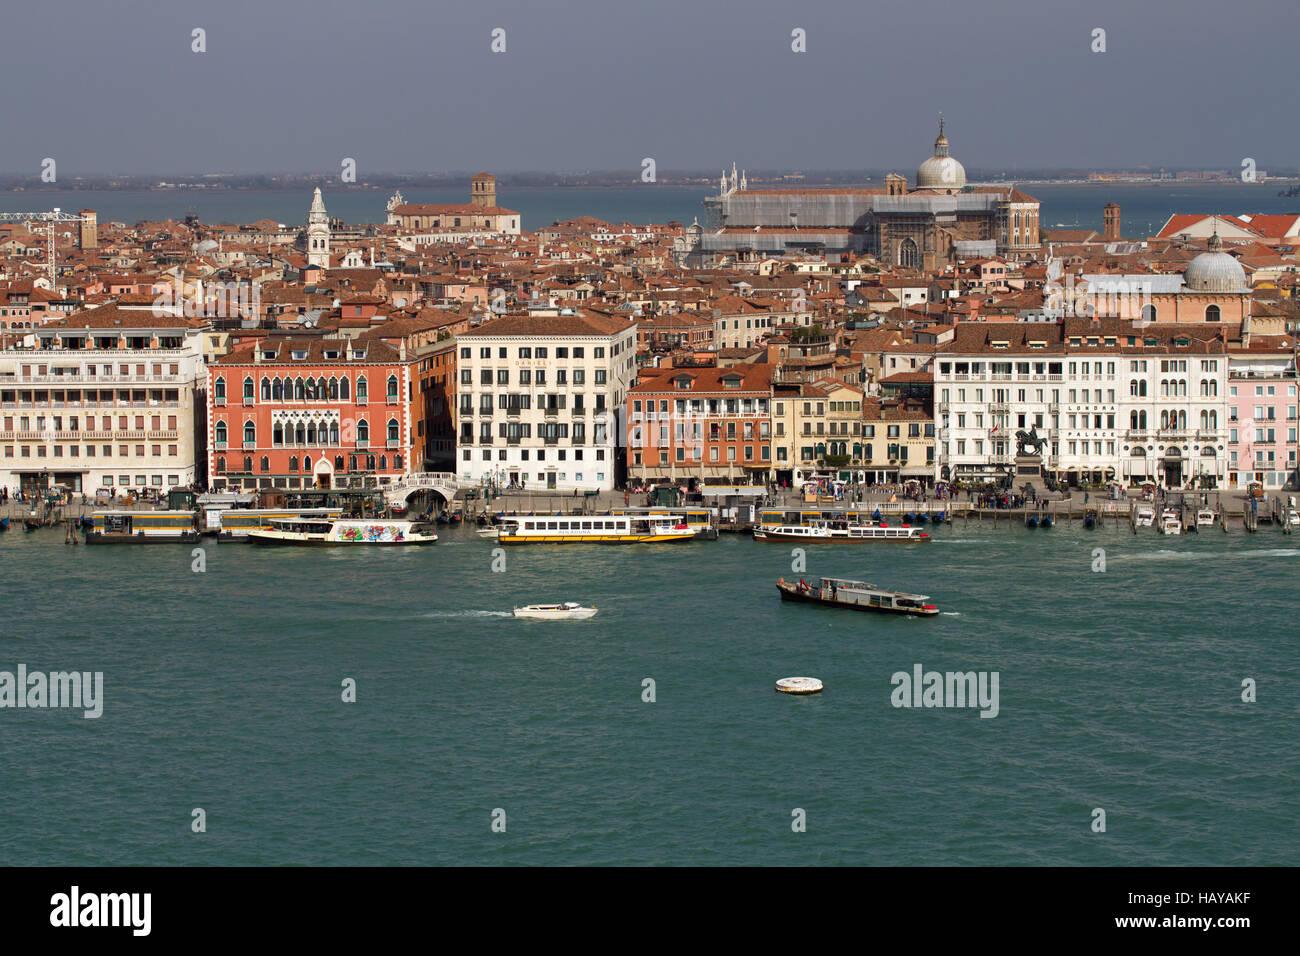 Canal Grande 003. Venedig. Italien Stockbild